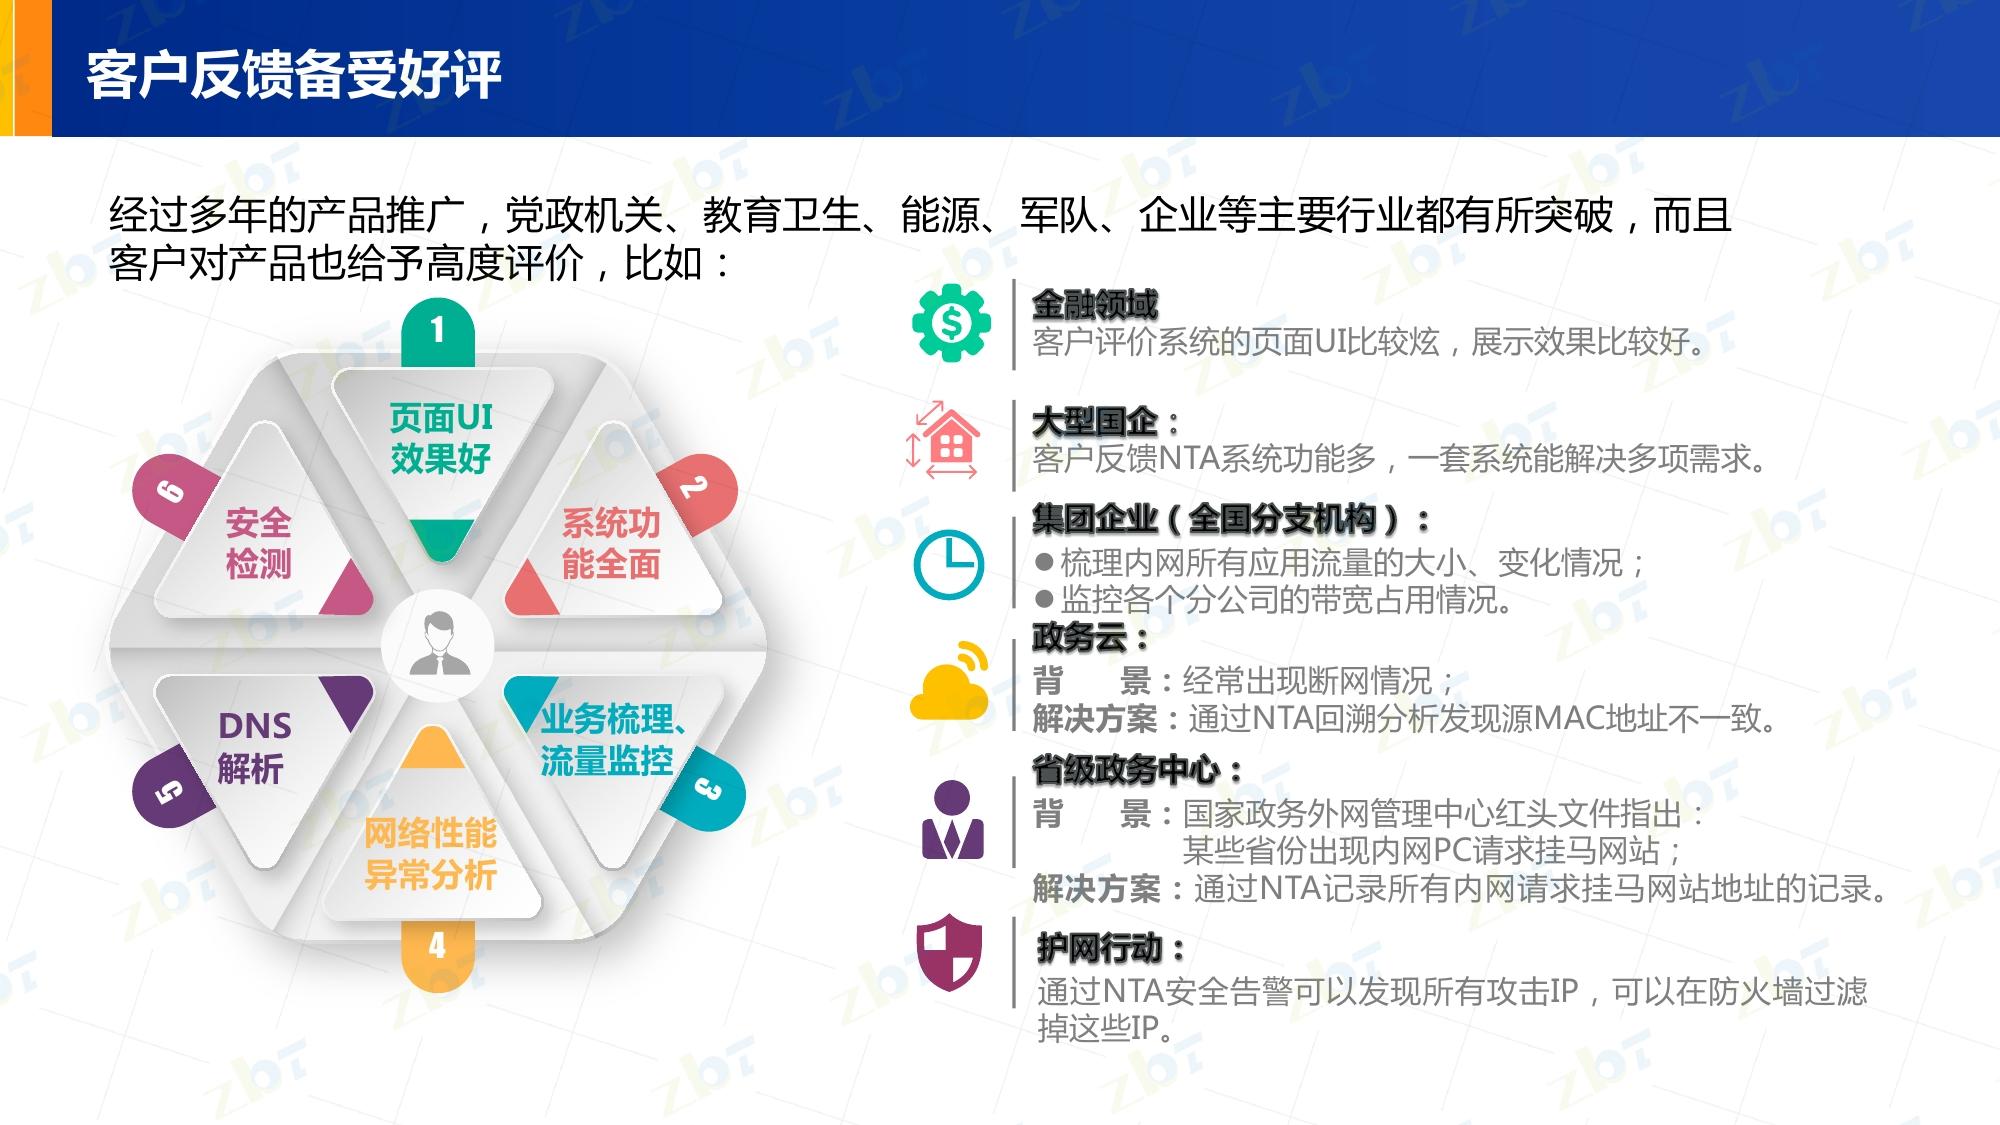 智博通等級保護2.0解決方案-v1.0-深圳市智博通電子有限公司